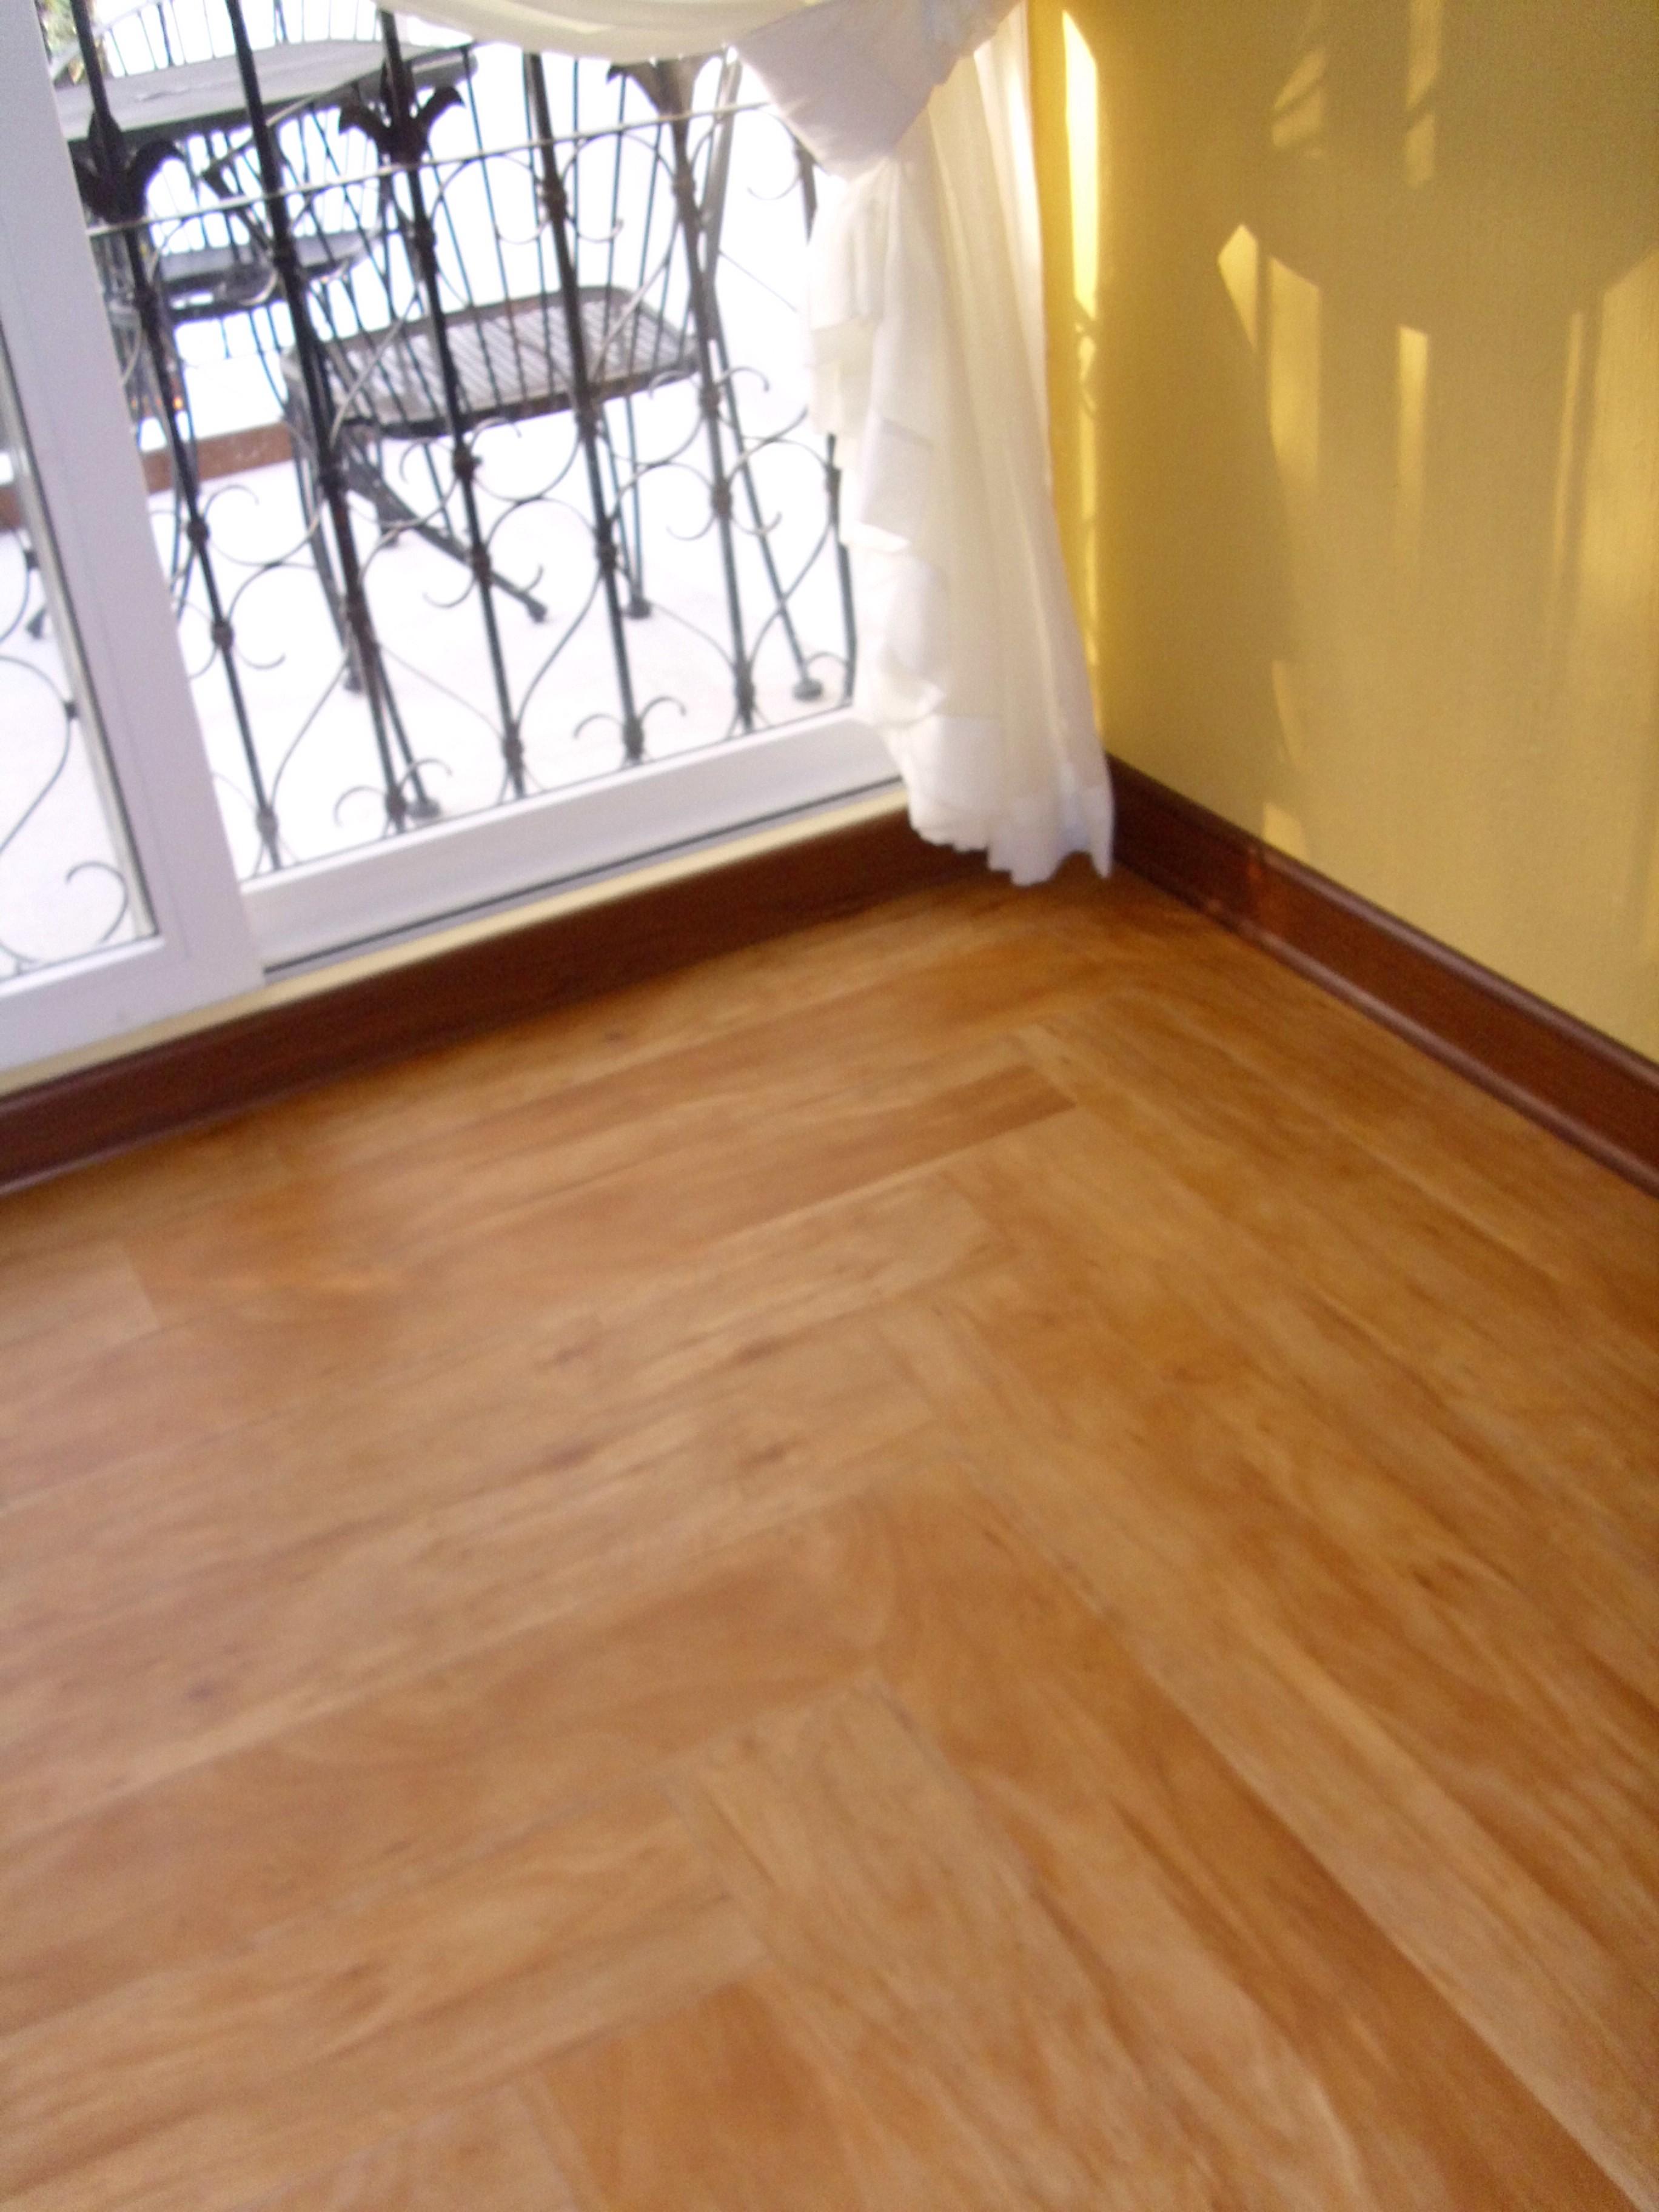 pisos laminados de pvc imitaci n madera muebles en On pisos imitacion madera para interior